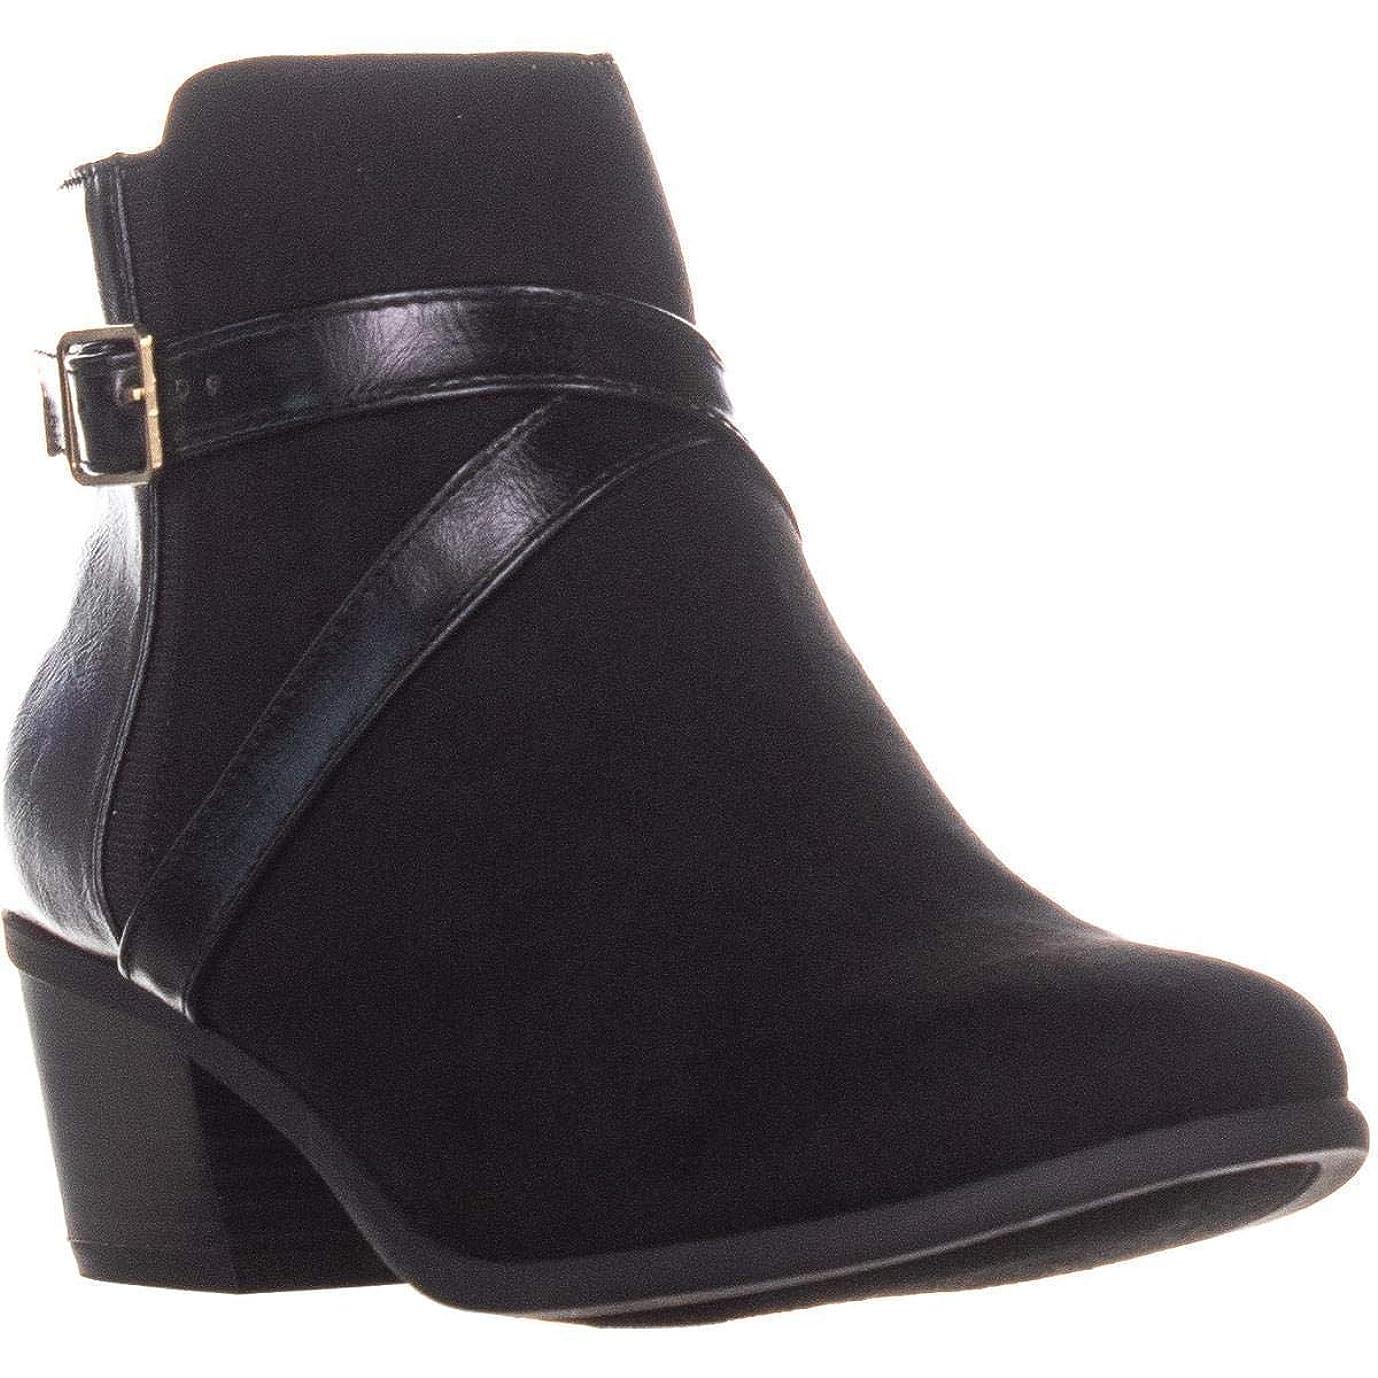 震え熟考する組み合わせる[Karen Scott] Womens Falonn Almond Toe Ankle Fashion Boots [並行輸入品]